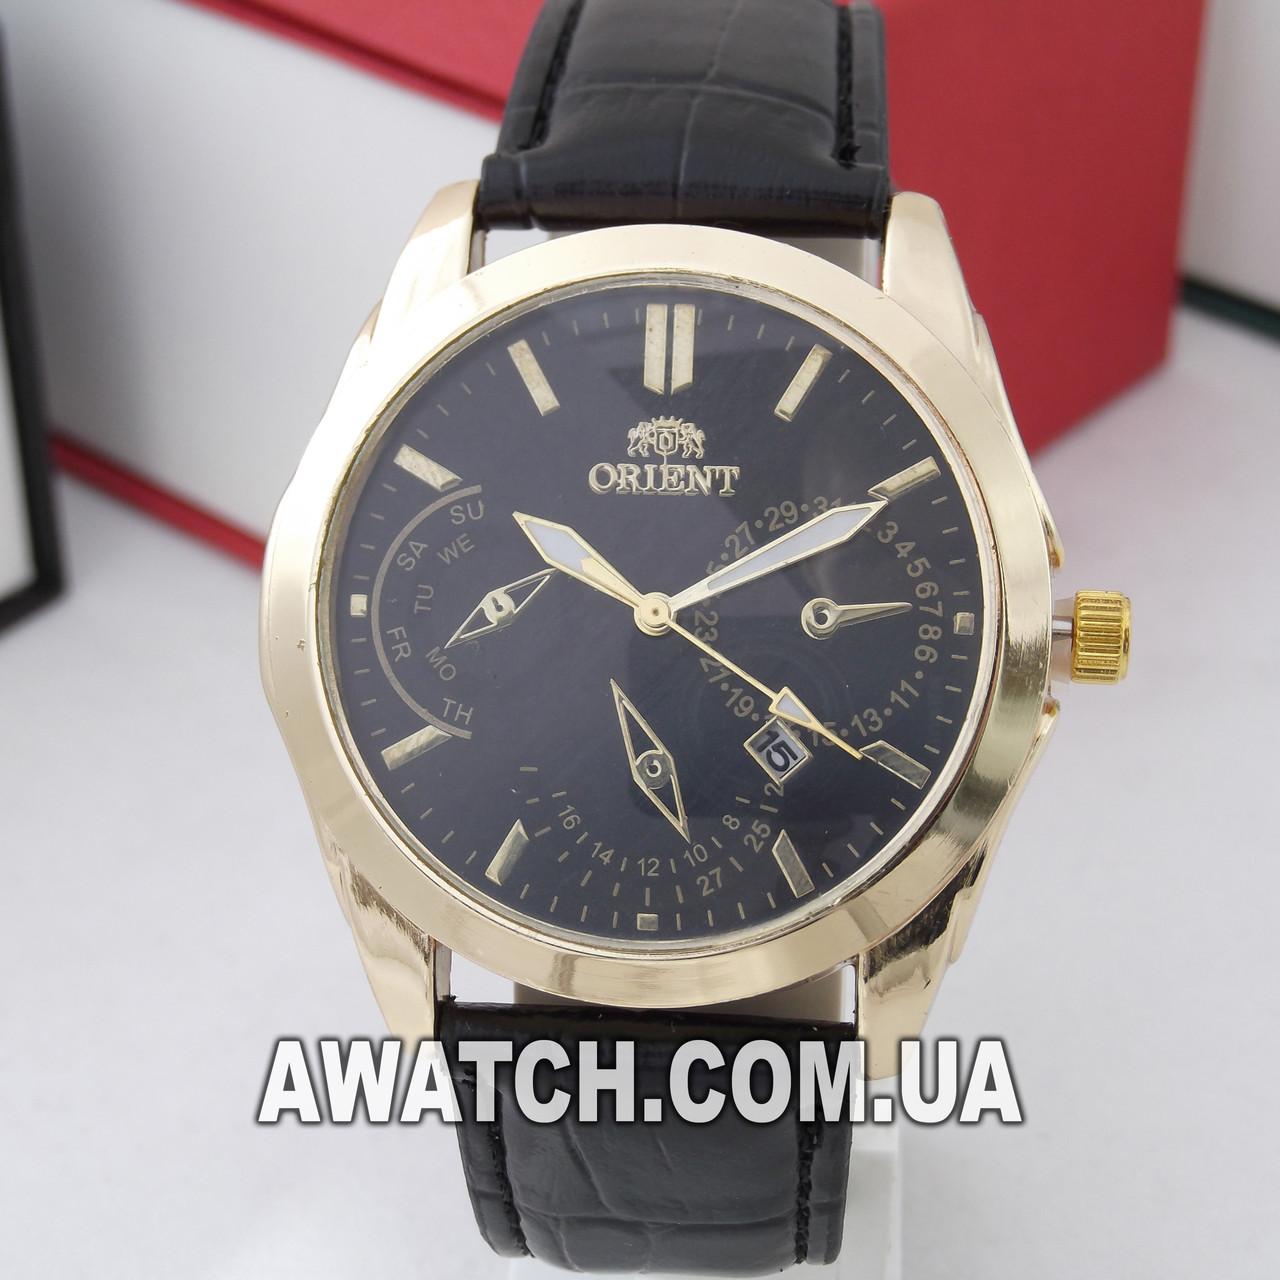 Продажа наручных часов Orient Харьков